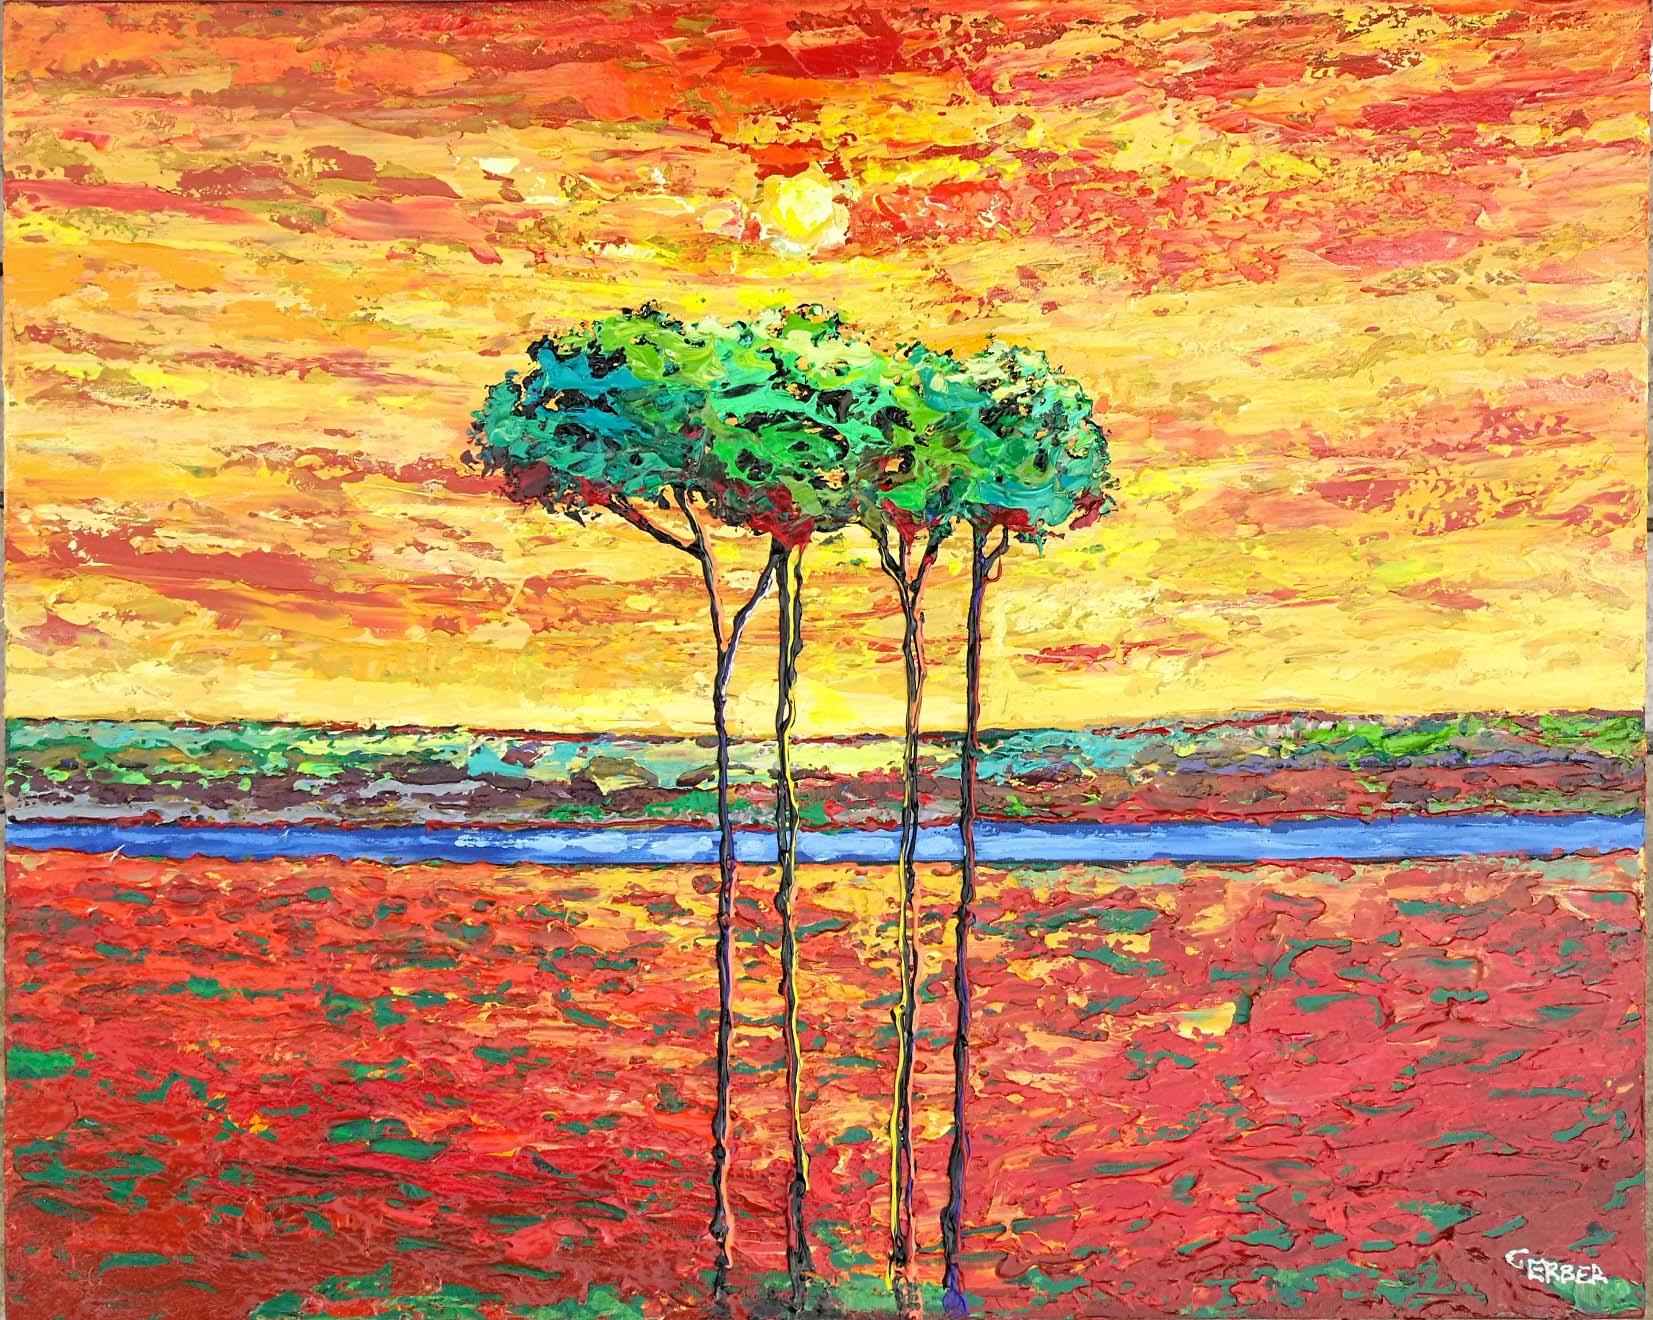 Landscape III by Alik Gerber